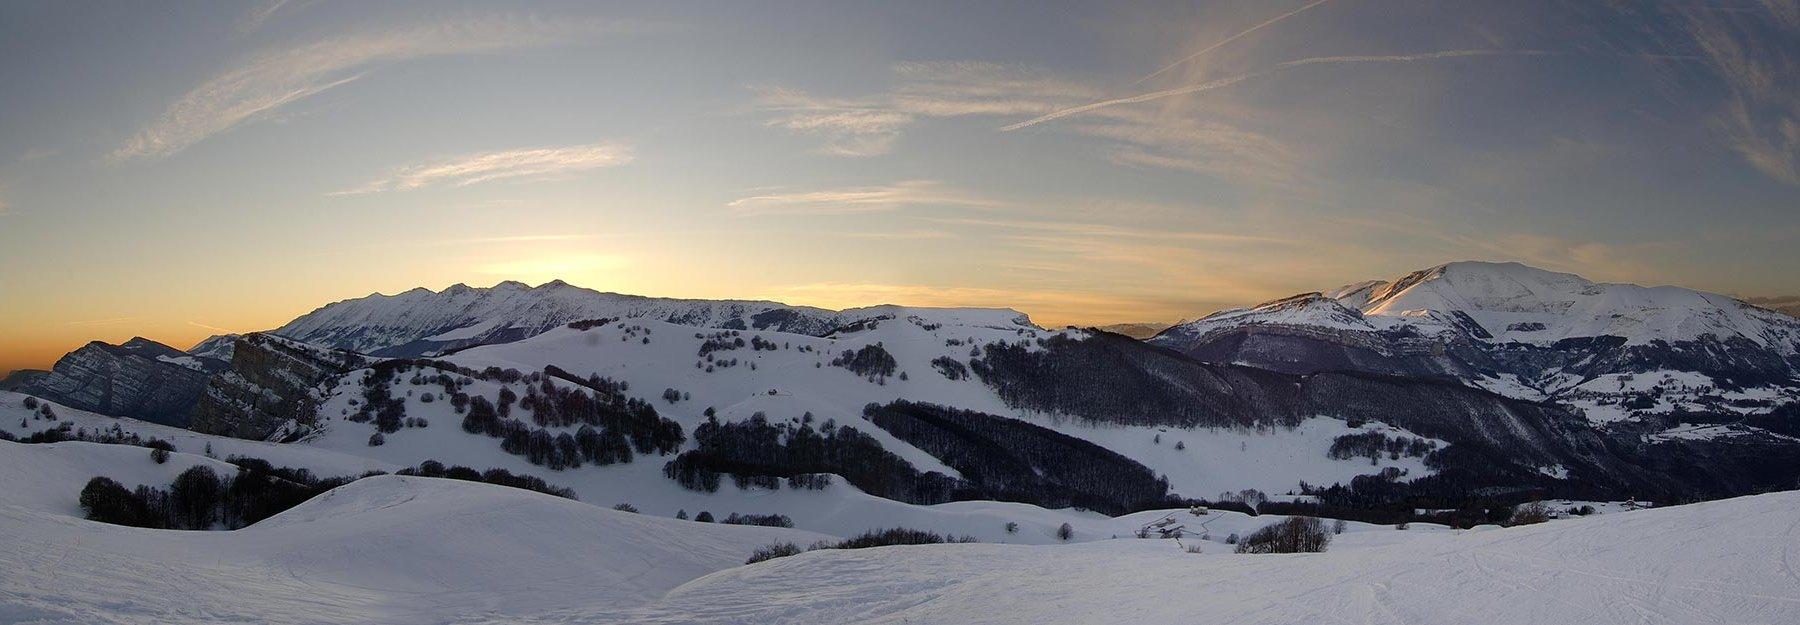 Monte Baldo  la neve del Trentino più vicina alle famiglie e il Natale di  Rovereto - Bimboinviaggio c8ba906b3777